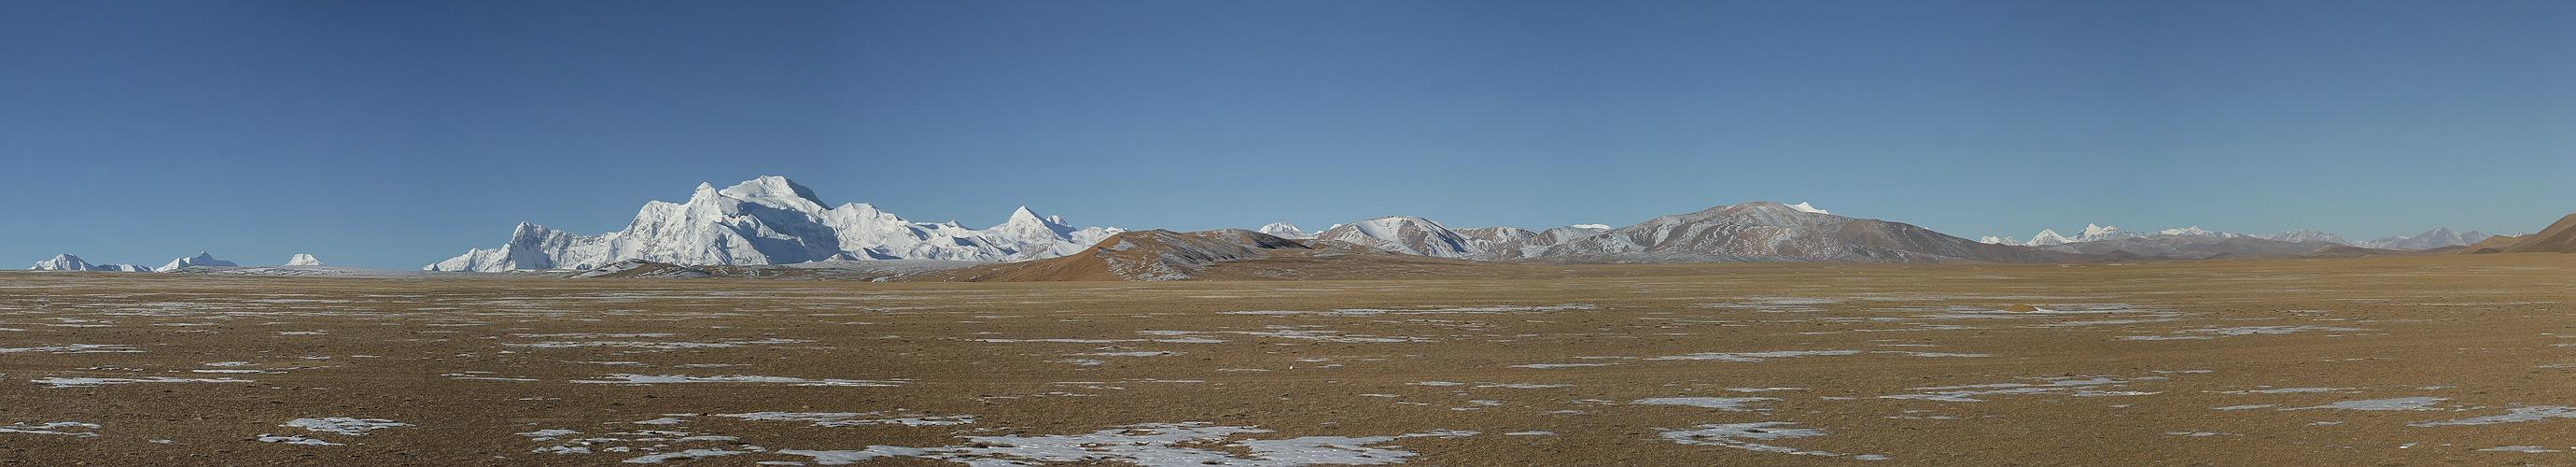 Hochebene bei der Überquerung Himalaya, Tibet